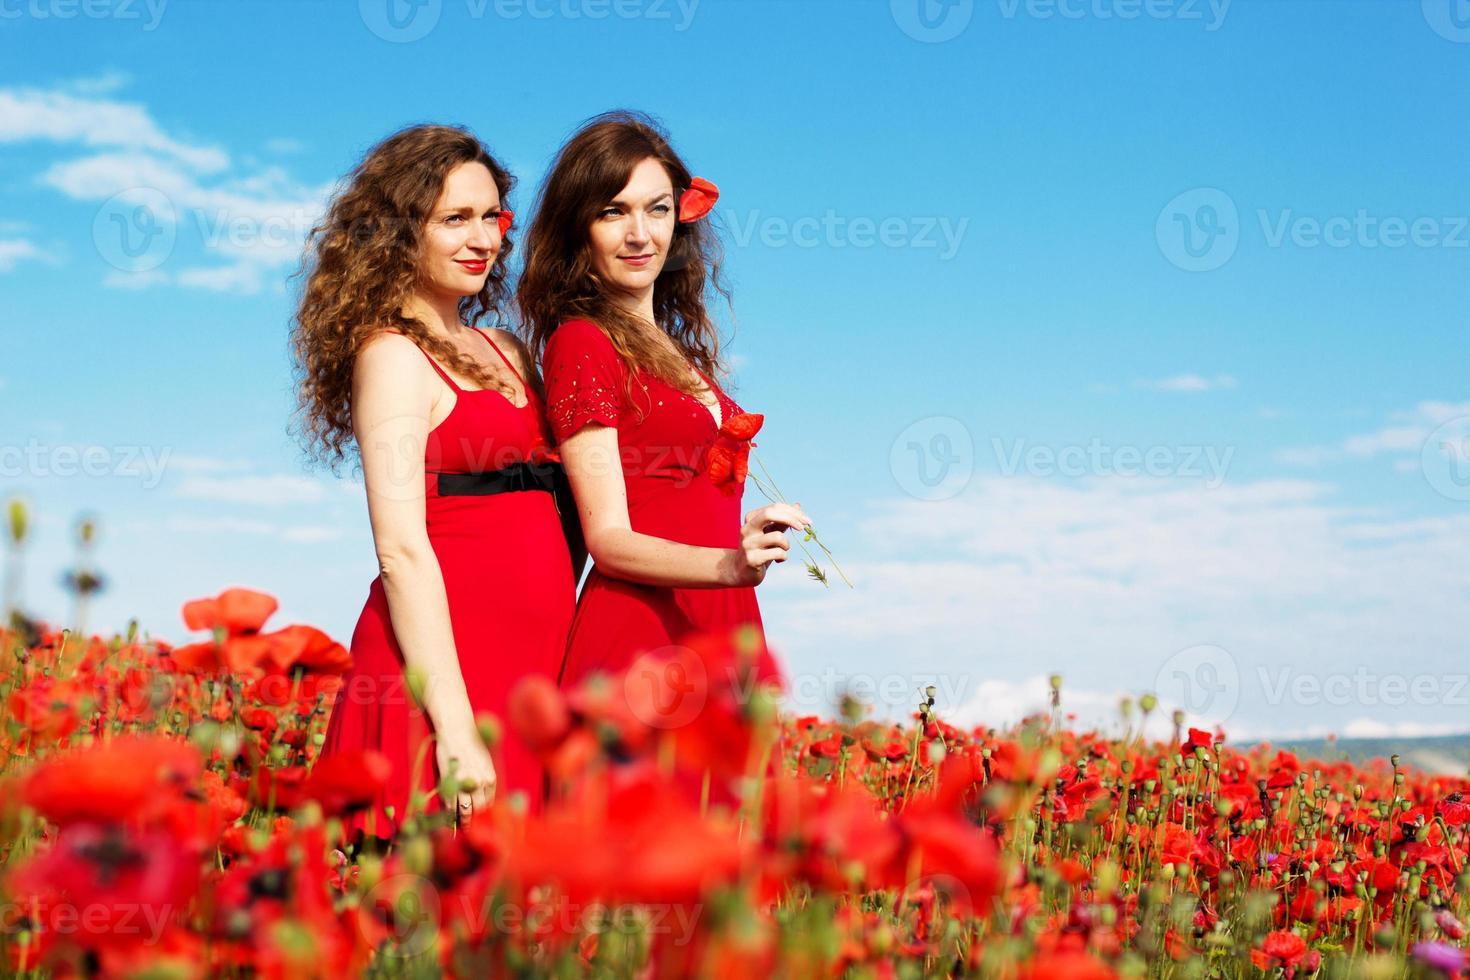 Dos mujeres jóvenes jugando en el campo de amapolas foto